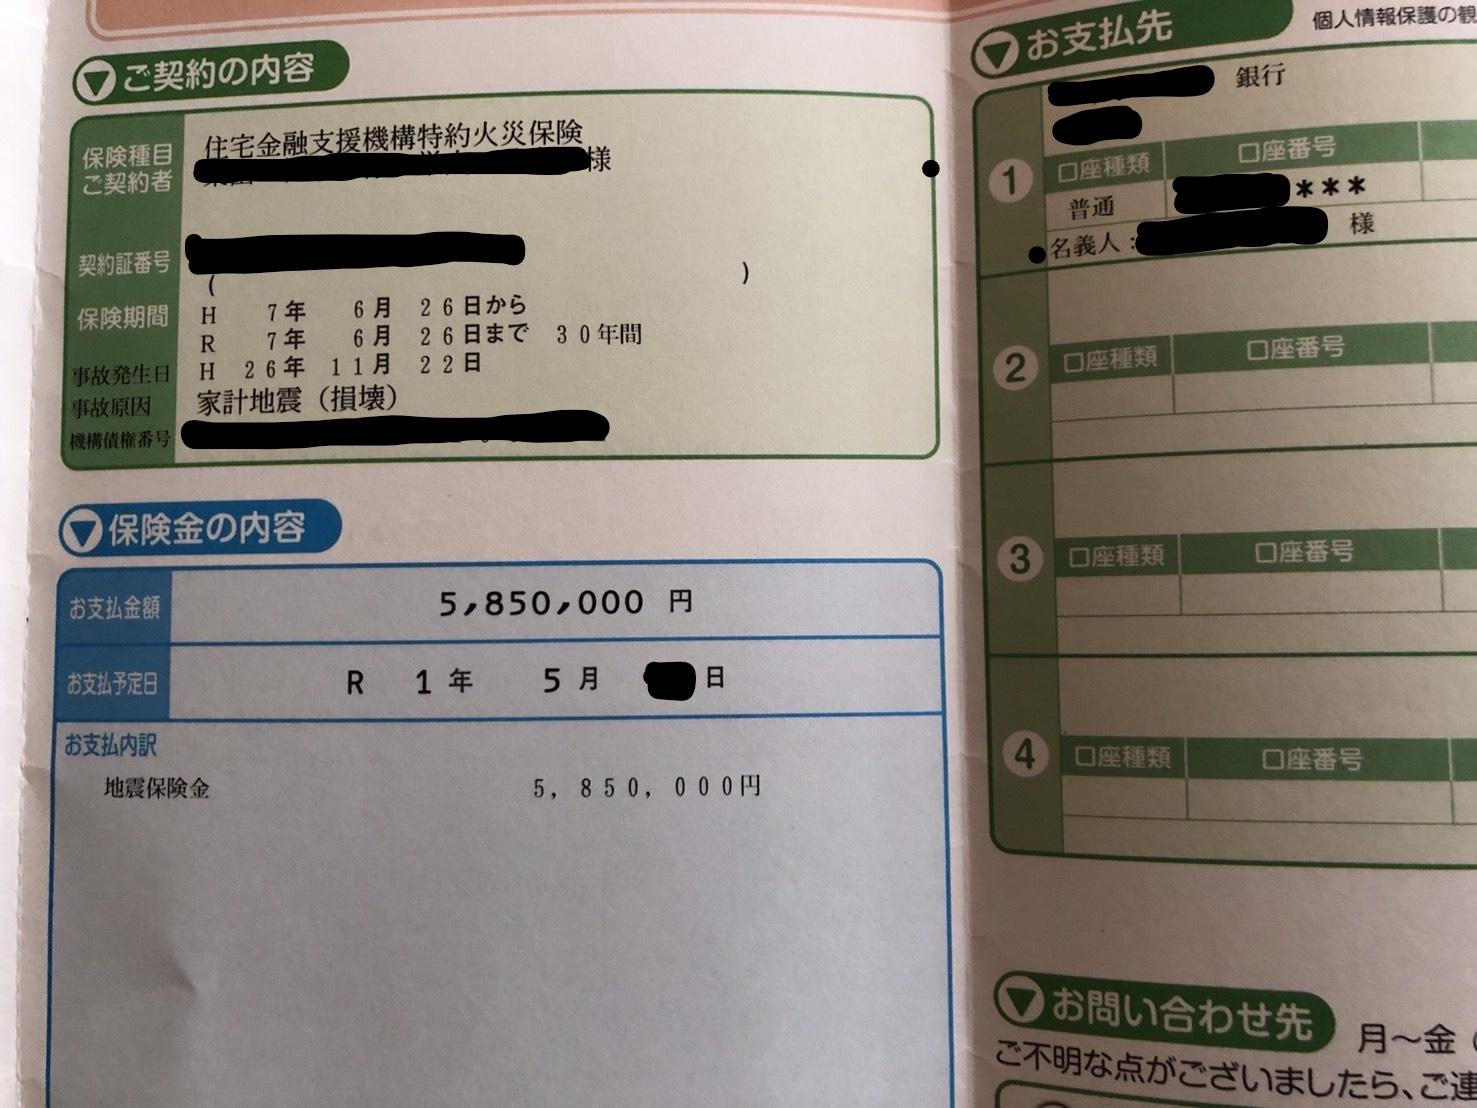 地震保険で半損認定。長野県S様